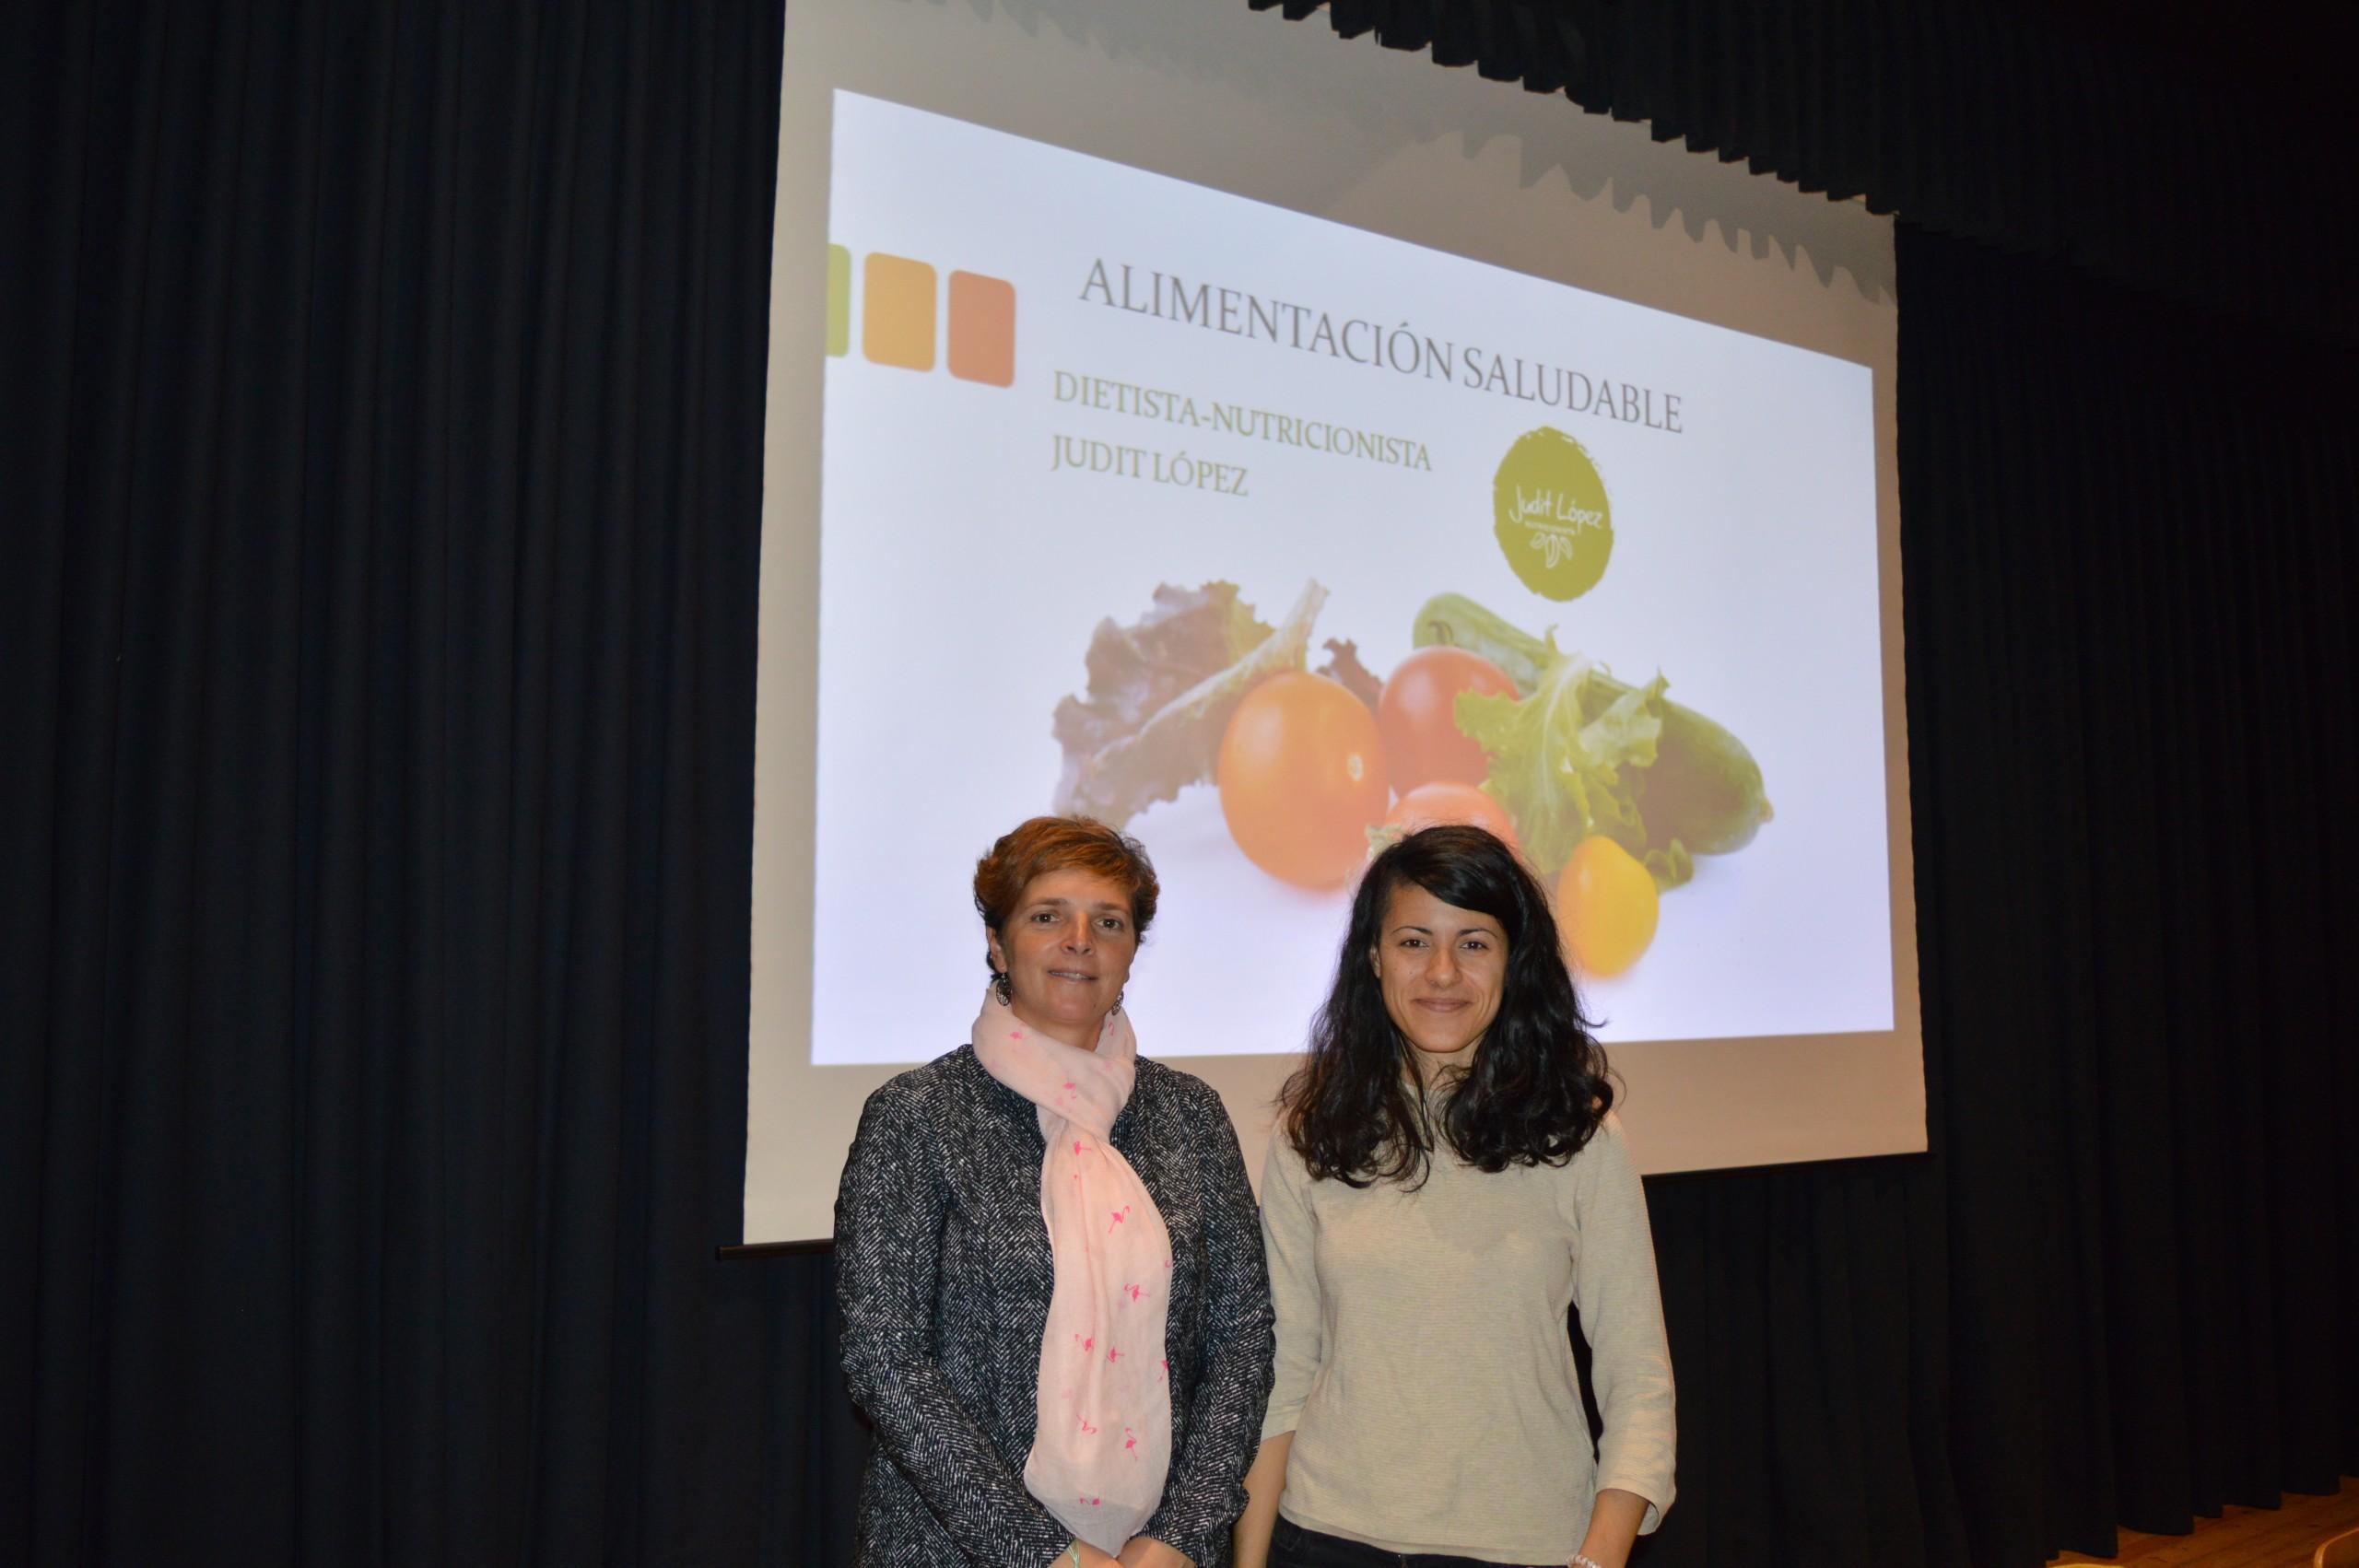 Presentado el taller gratuito de Nutrición dirigido a la población de Humanes de Madrid.